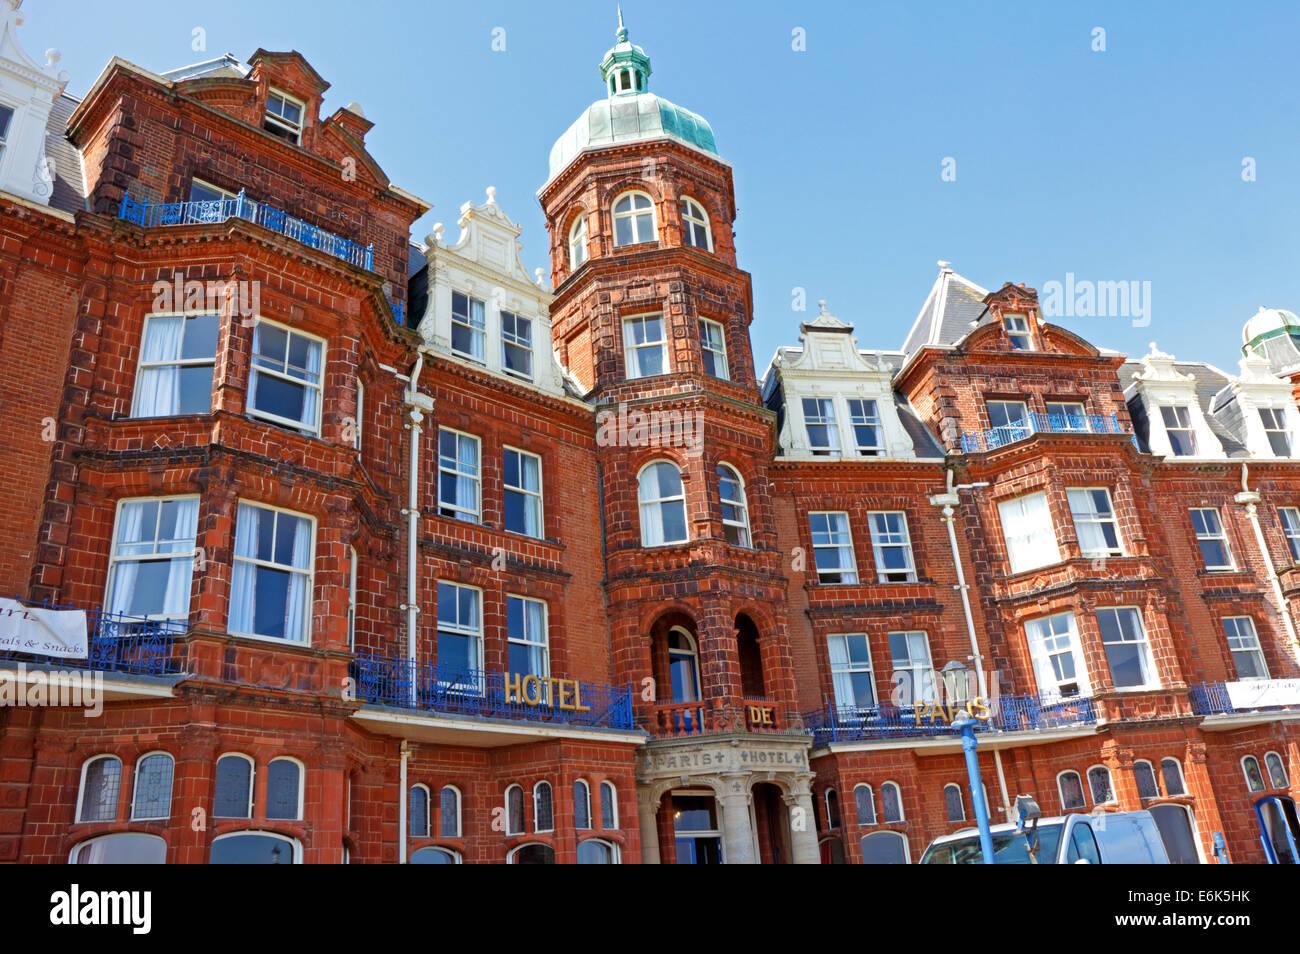 Das Hotel de Paris am Meer im Badeort von Cromer, Norfolk, England, Vereinigtes Königreich. Stockfoto